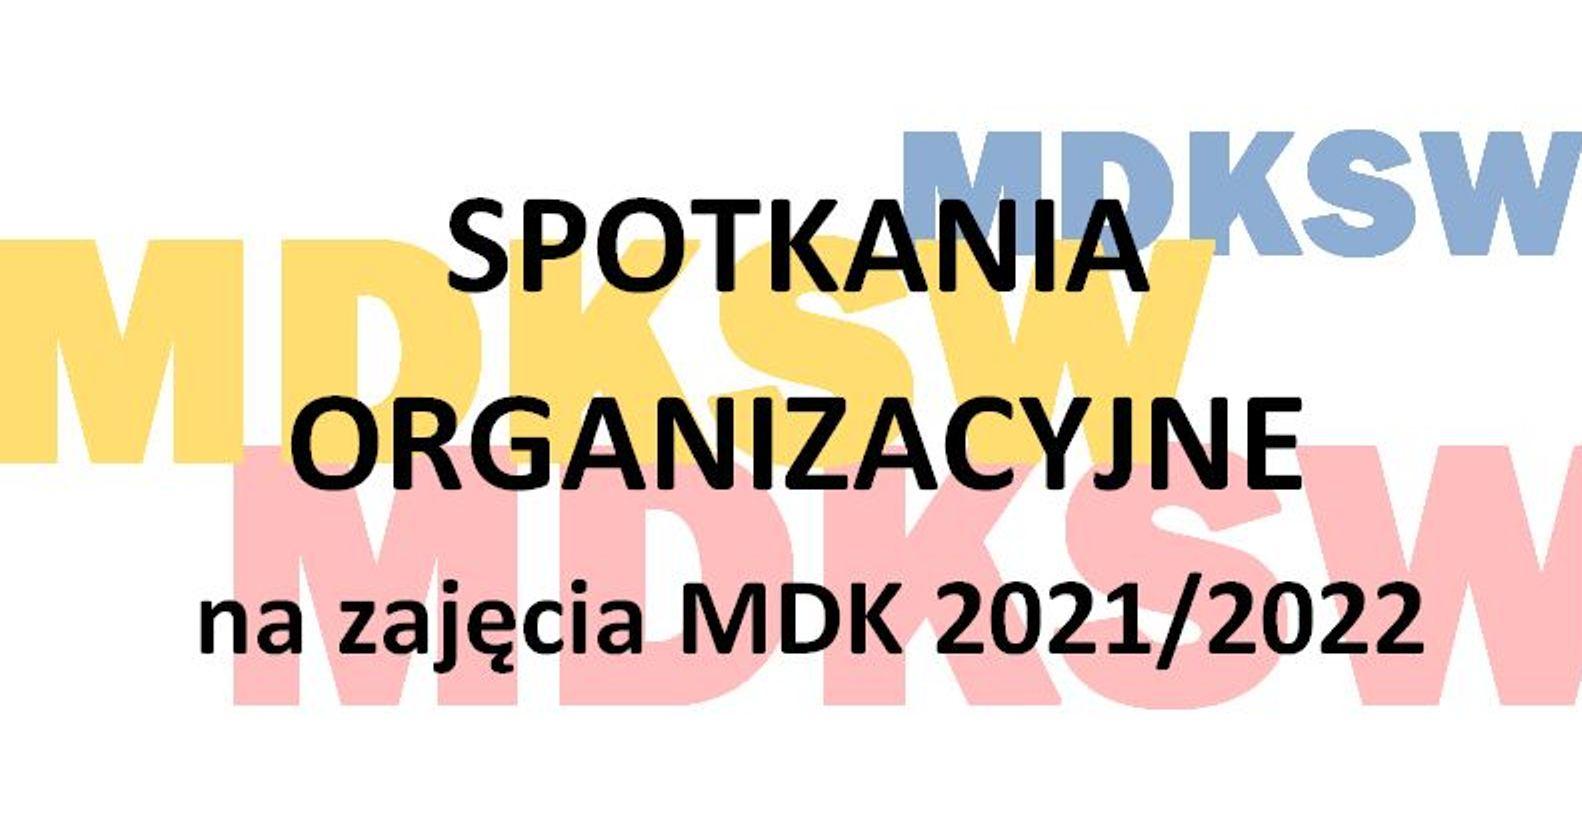 SPOTKANIA ORGANIZACYJNE - zajęcia MDK w roku szkolnym 2021/2022